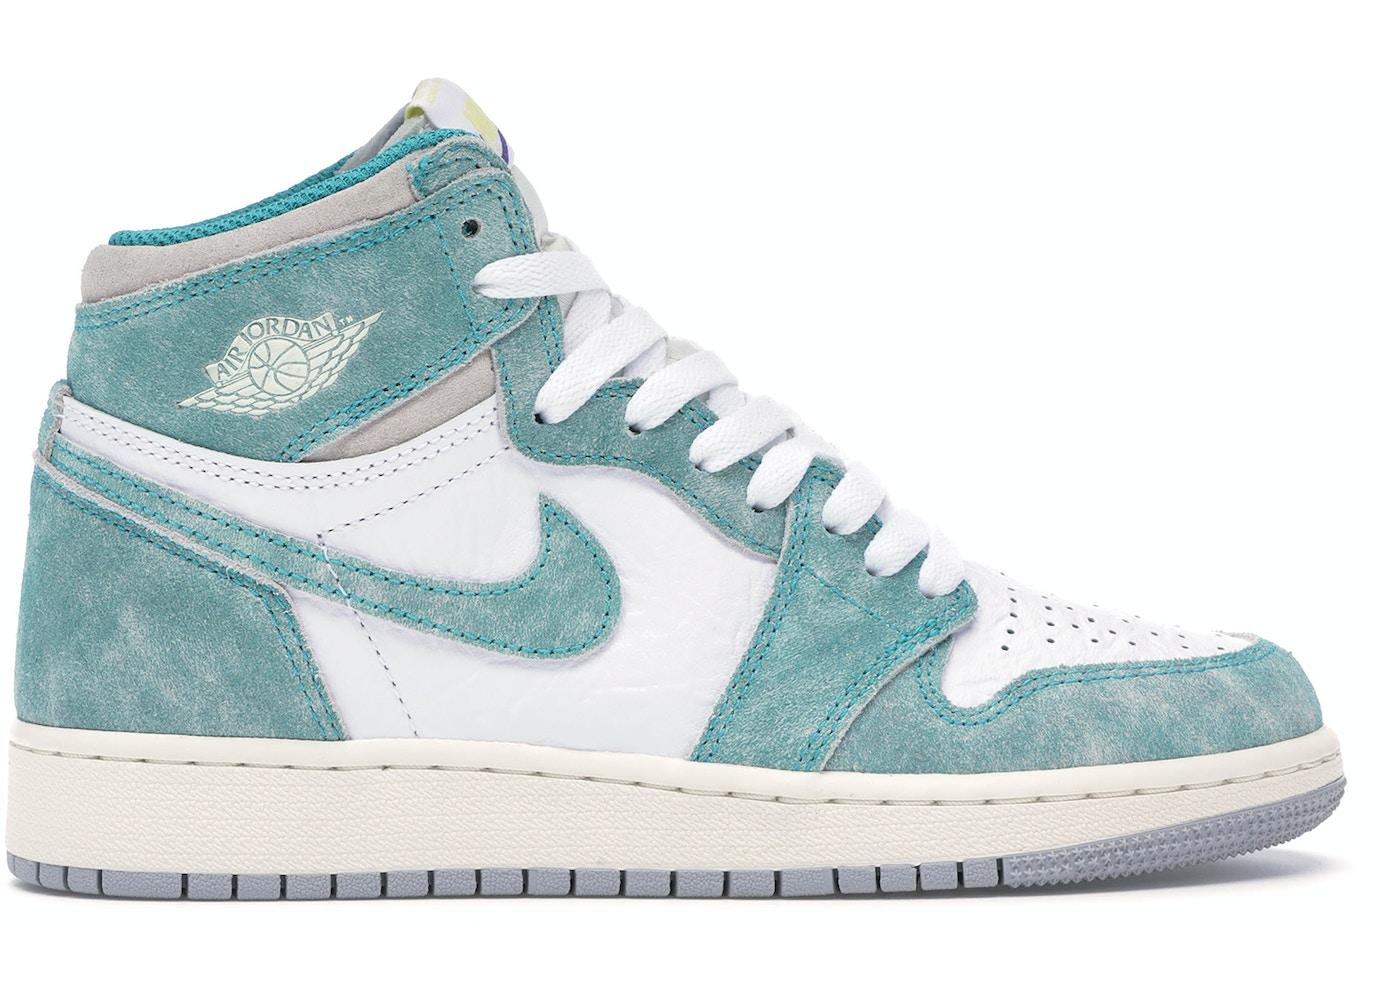 b860f018a6b0 Air Jordan Shoes - Most Popular